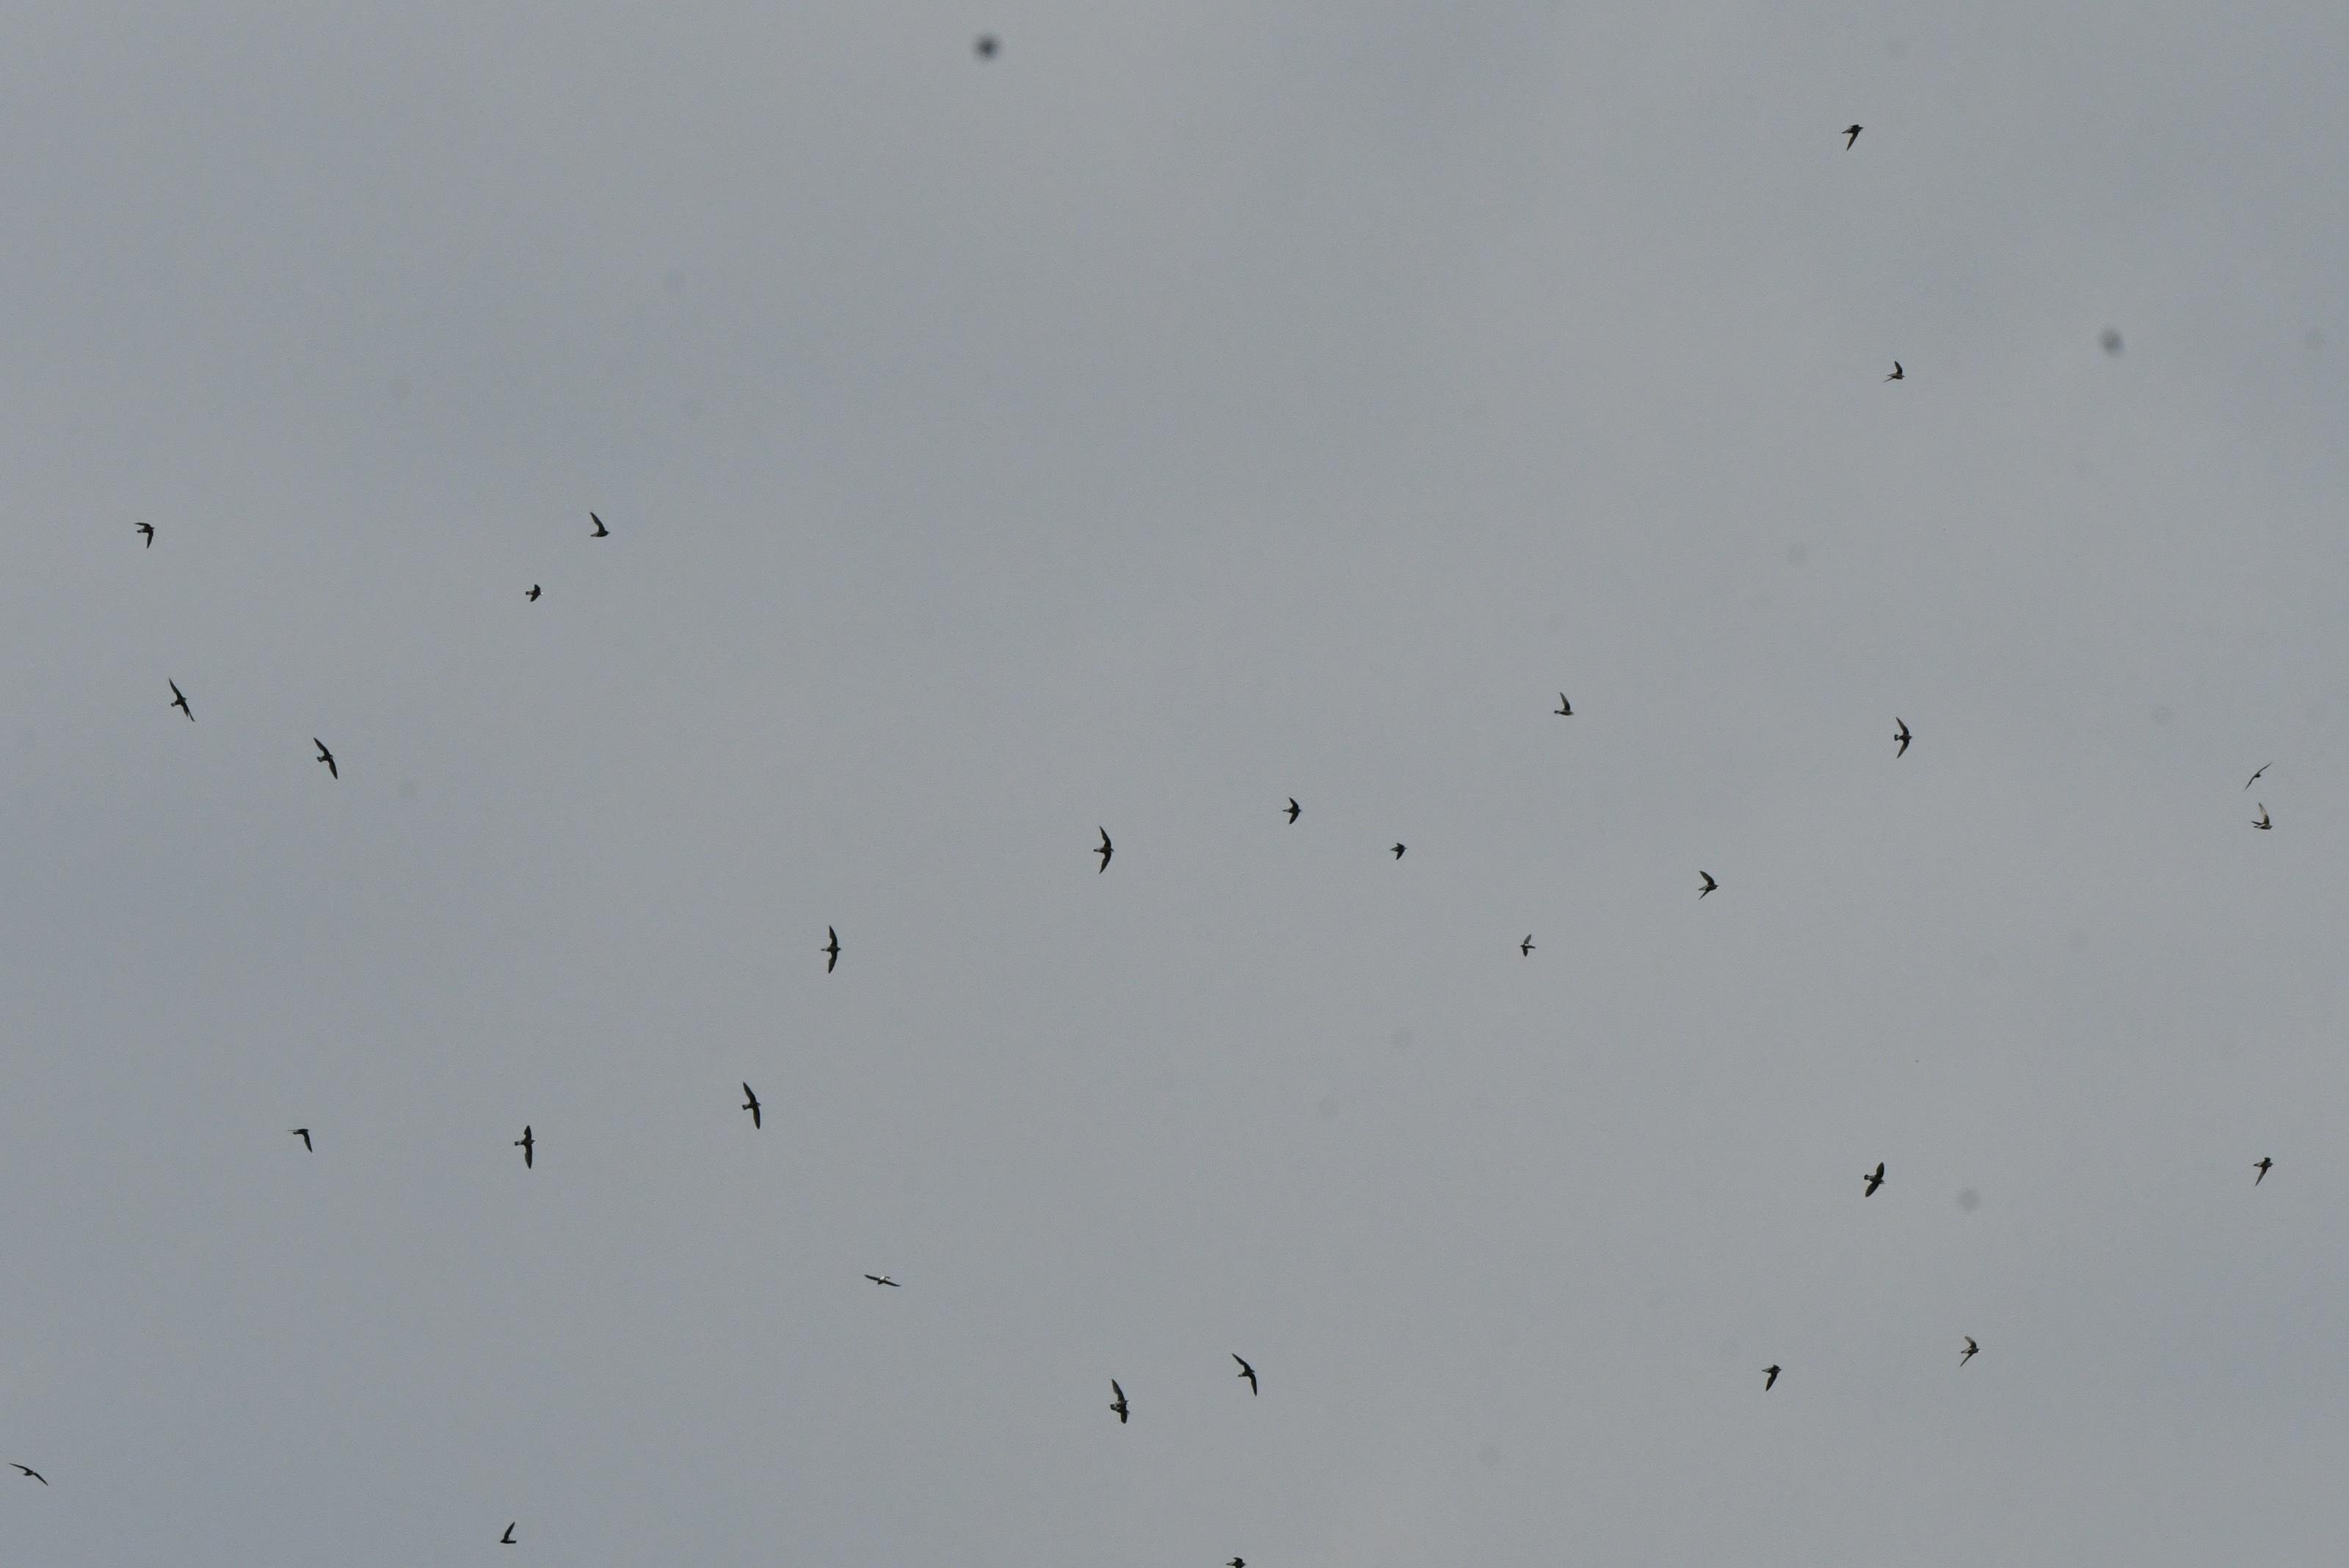 ハリオアマツバメ群